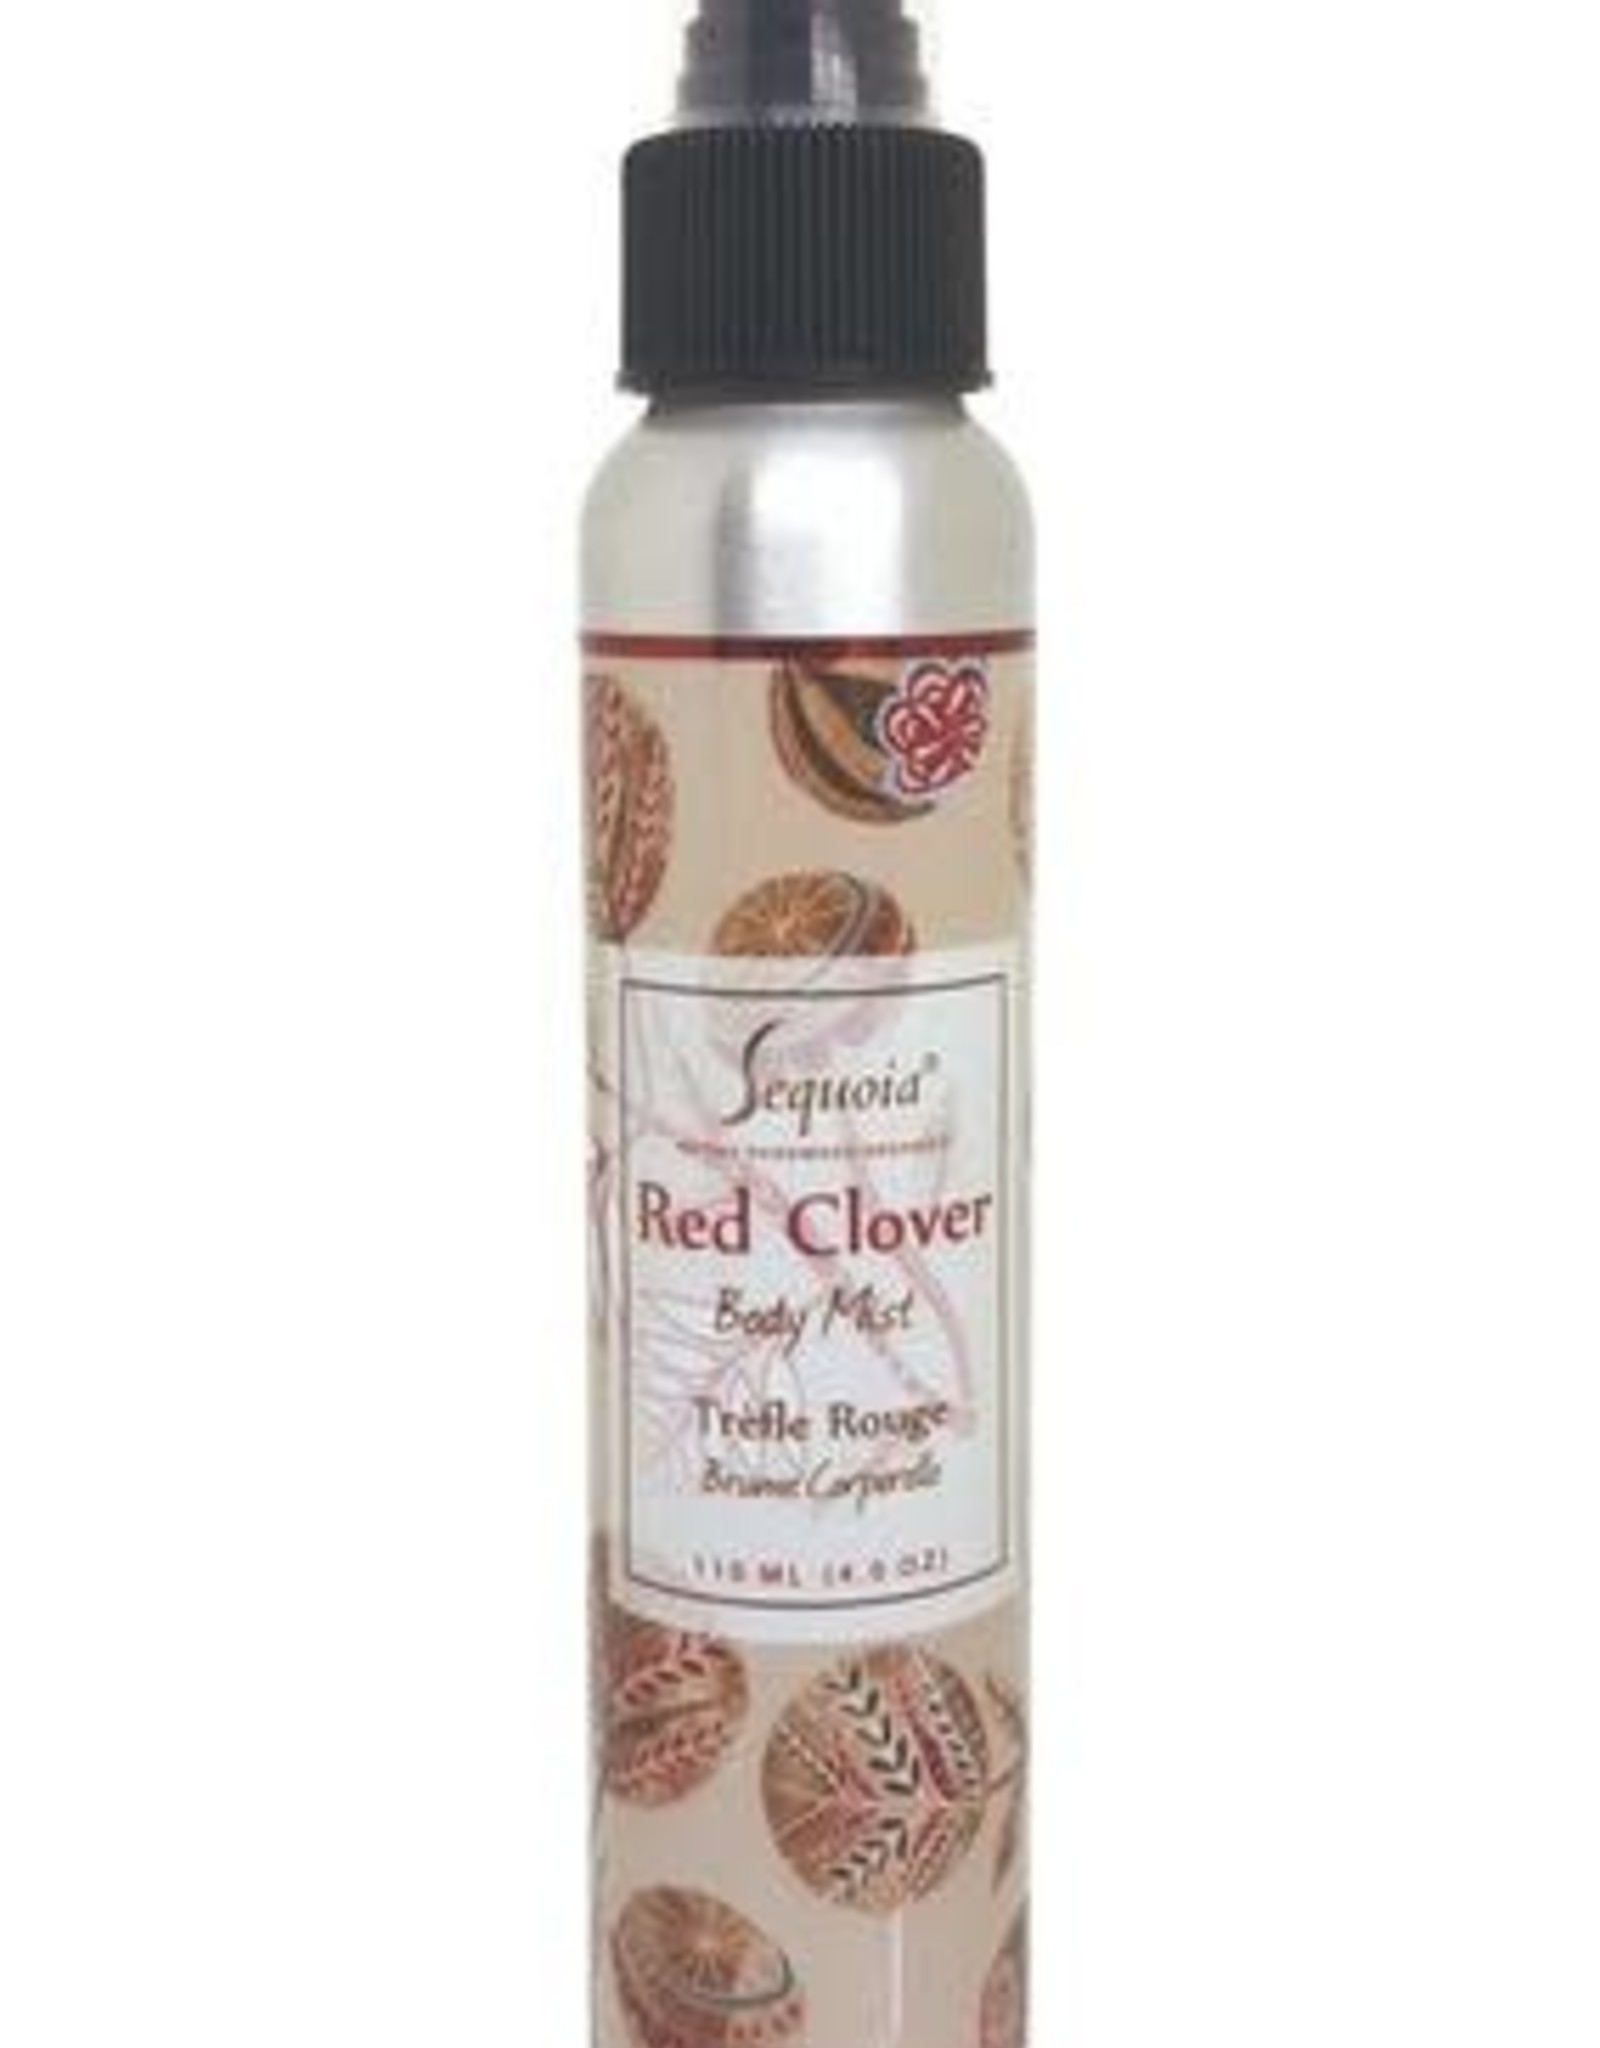 Sequoia 4oz Body Mist - Red Clover